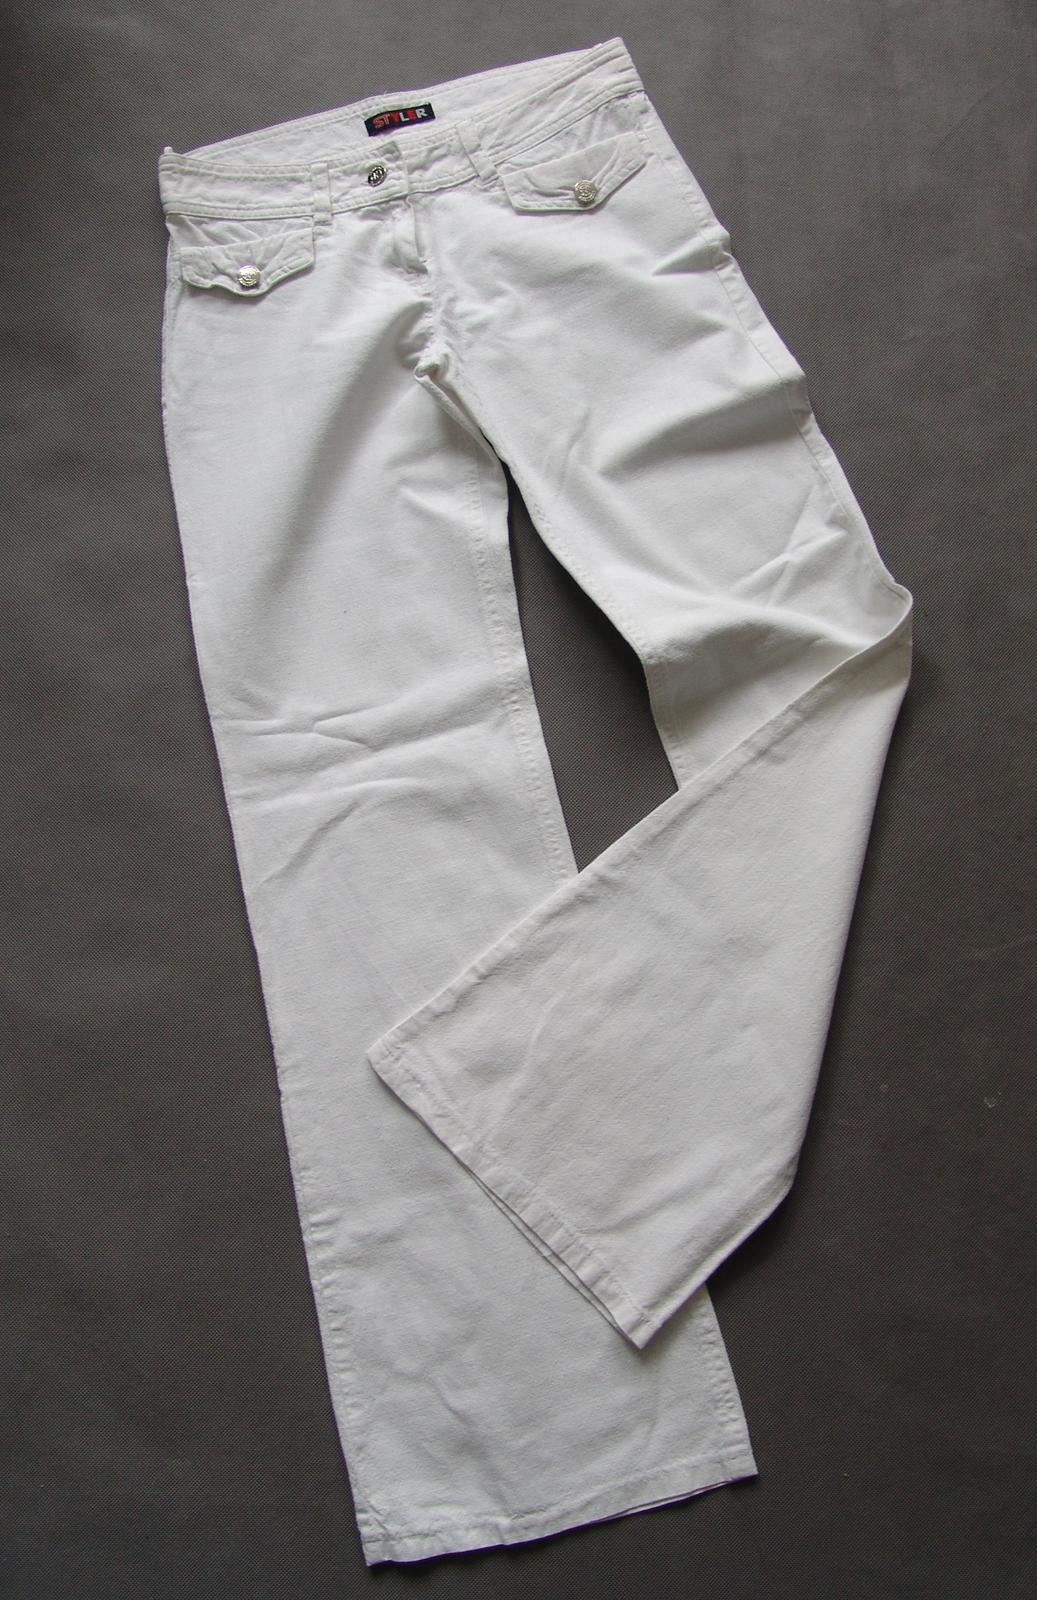 Bílé kalhoty - Obrázek č. 1